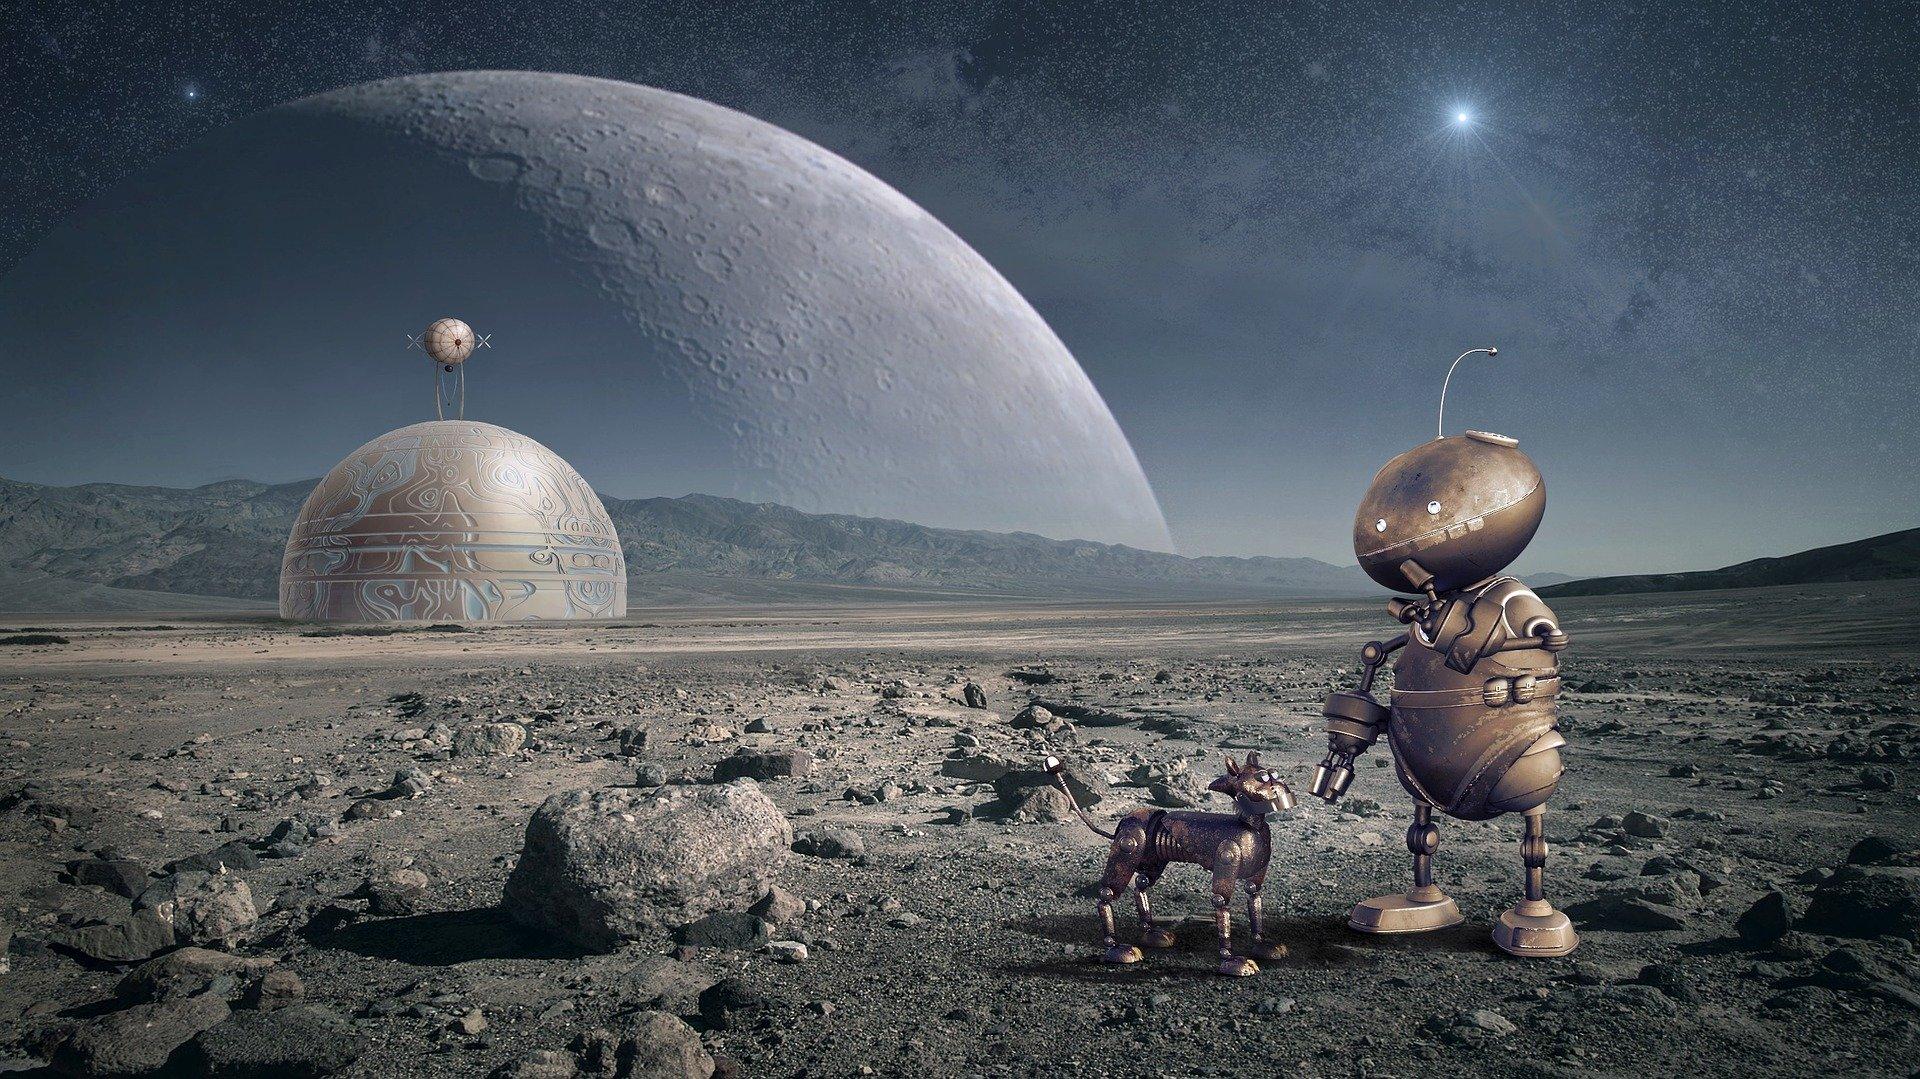 Kje bomo živeli, če Zemlja postane neprimerna? Luna, Mars ali vesoljska plovila?